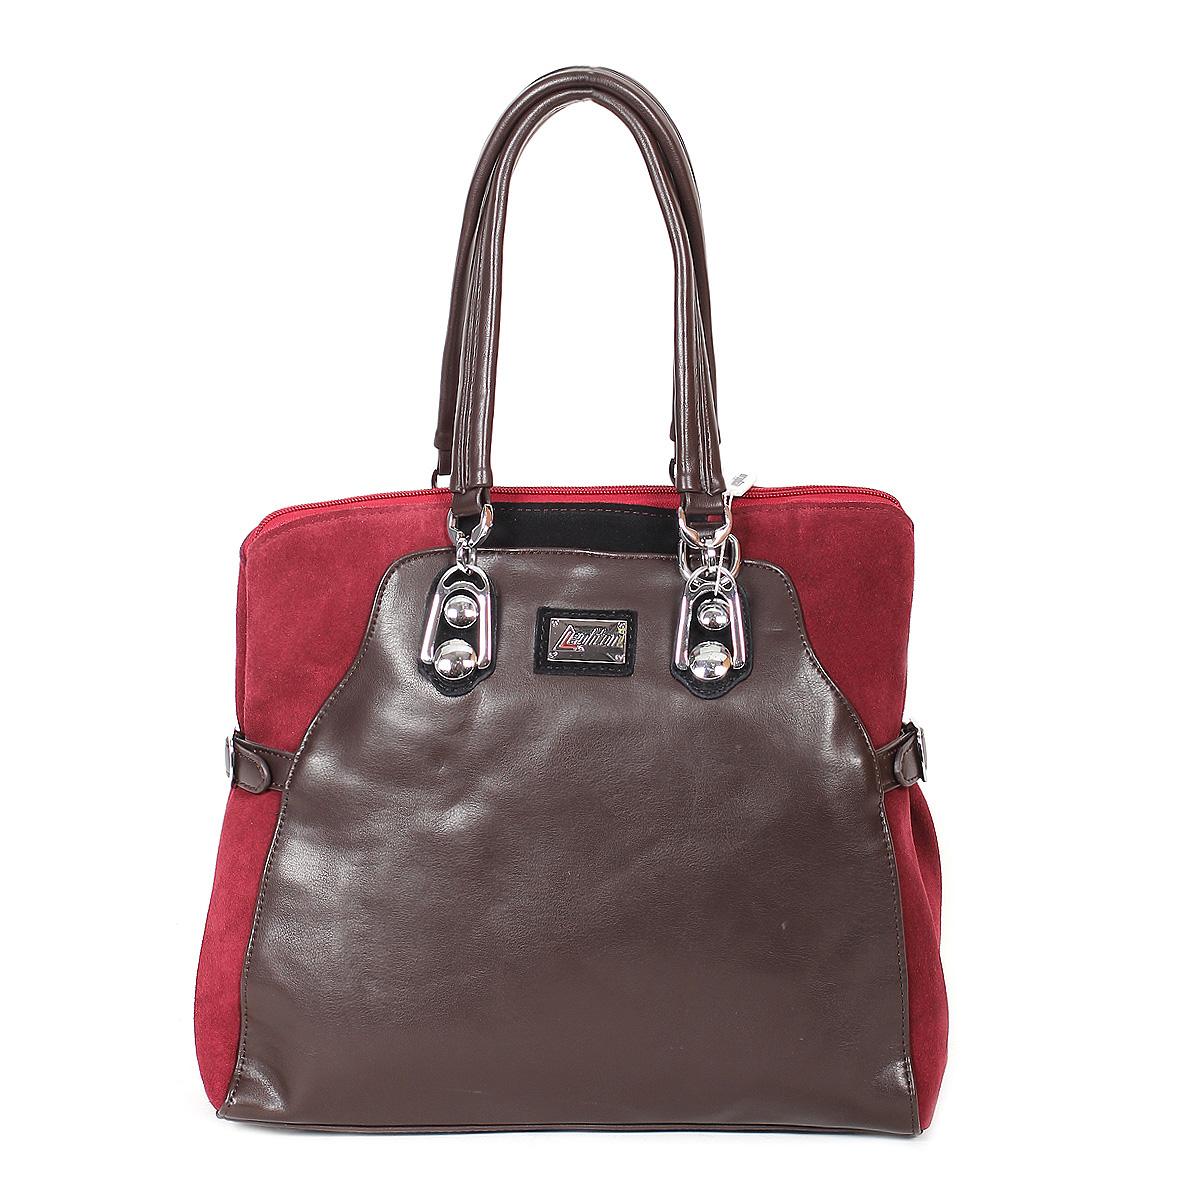 Сумка женская Leighton, цвет: коричневый, бордовый, черный. 11090-1166/201/503/808-2Стильная женская сумка Leighton изготовлена из высококачественной искусственной кожи и замши. Сумка состоит из одного вместительного отделения на застежке-молнии. Внутри располагается средник на застежке-молнии, а также два открытых кармана для мелочей и один прорезной карман на молнии. Тыльная сторона сумки оснащена прорезным карманом на застежке-молнии.Сумка имеет удобные ручки для переноски на декоративных металлических креплениях и плечевой ремень, регулирующийся по длине. Дно сумки защищено металлическими ножками, обеспечивающими необходимую устойчивость. Боковые части сумки оформлены ремешками и вставками из замши контрастного цвета. Сумка Leighton - это практичный и модный аксессуар, который станет функциональным дополнением к любому стилю. Блестящий дизайн сумки, сочетающий классические формы с оригинальным оформлением, позволит вам подчеркнуть свою индивидуальность и сделает ваш образ изысканным и завершенным.